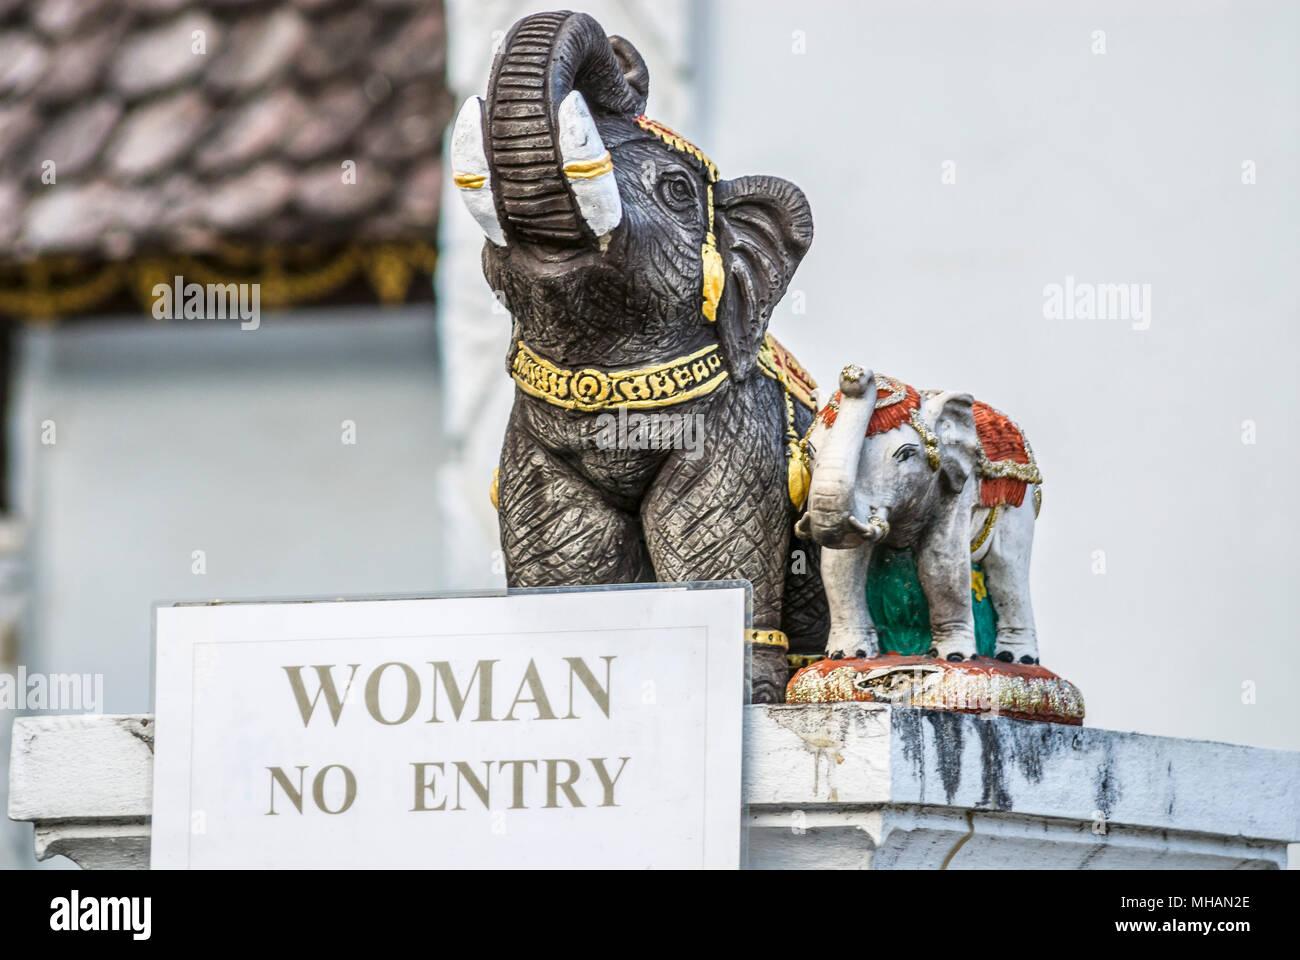 Aucune femme signe d'entrée et de figurines éléphants au temple bouddhiste Wat Chedi Luang, Chiang Mai, Thaïlande Photo Stock